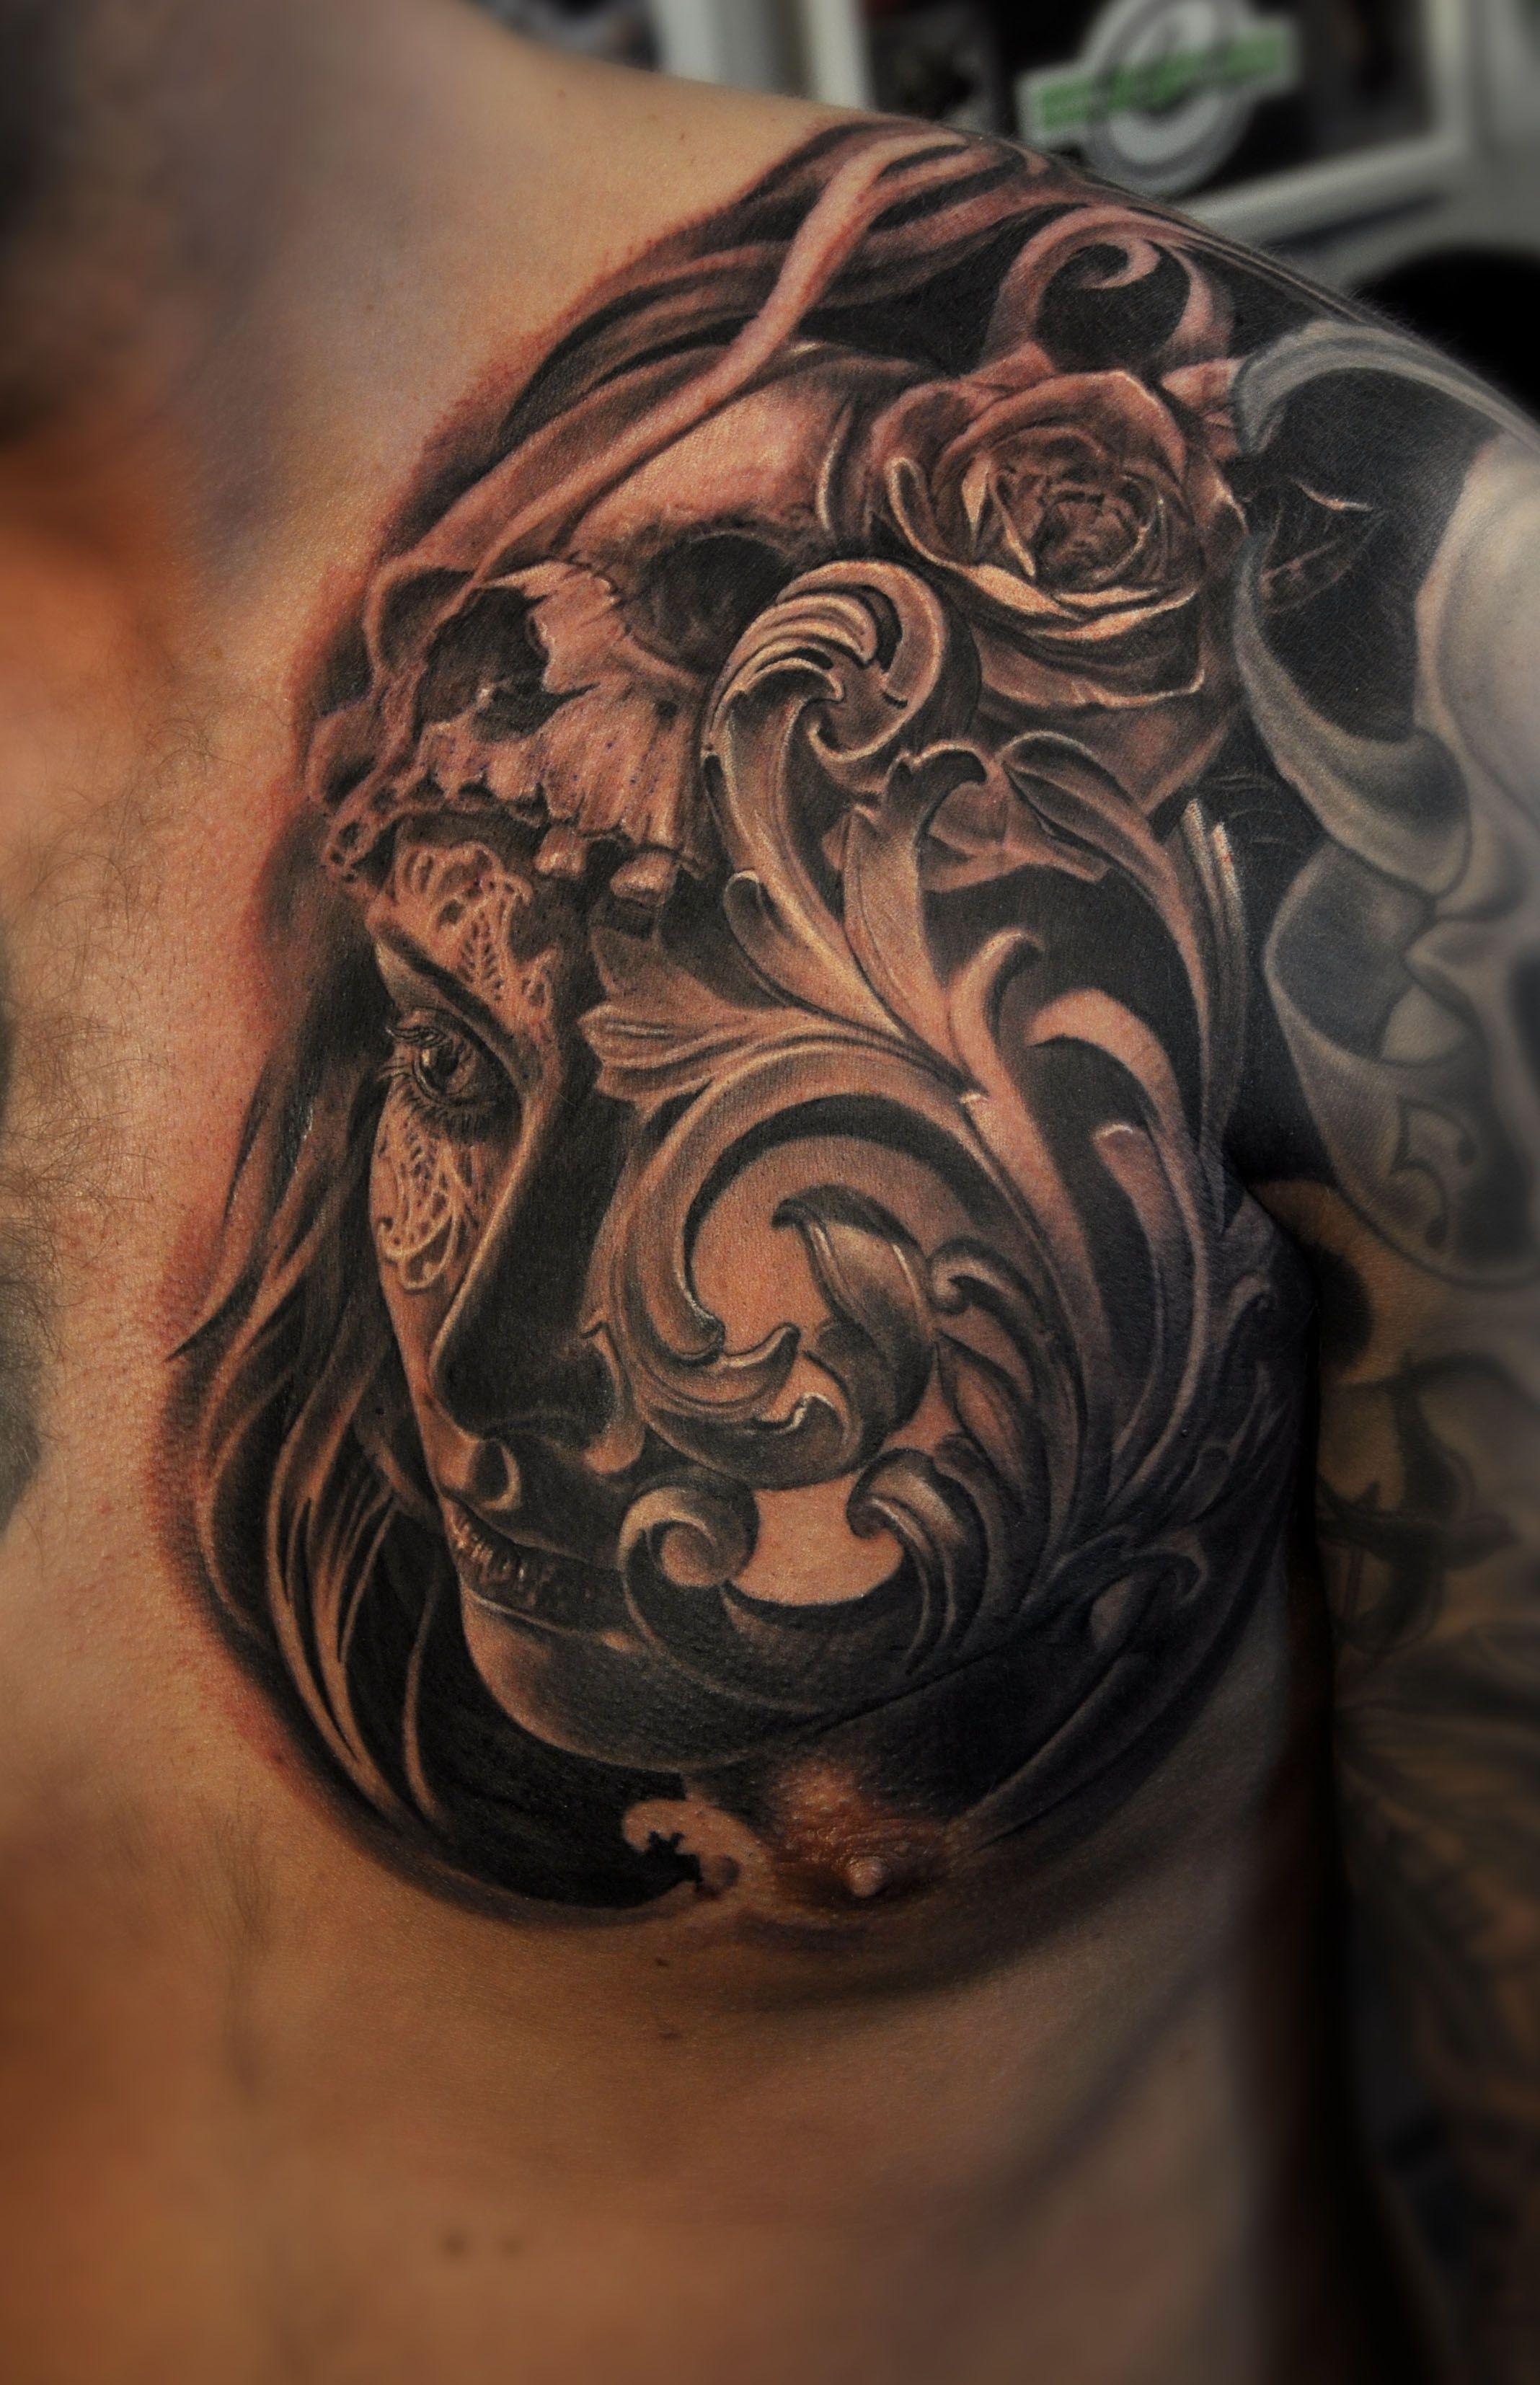 Like It Filigree Tattoo Chest Piece Tattoos Cool Chest Tattoos